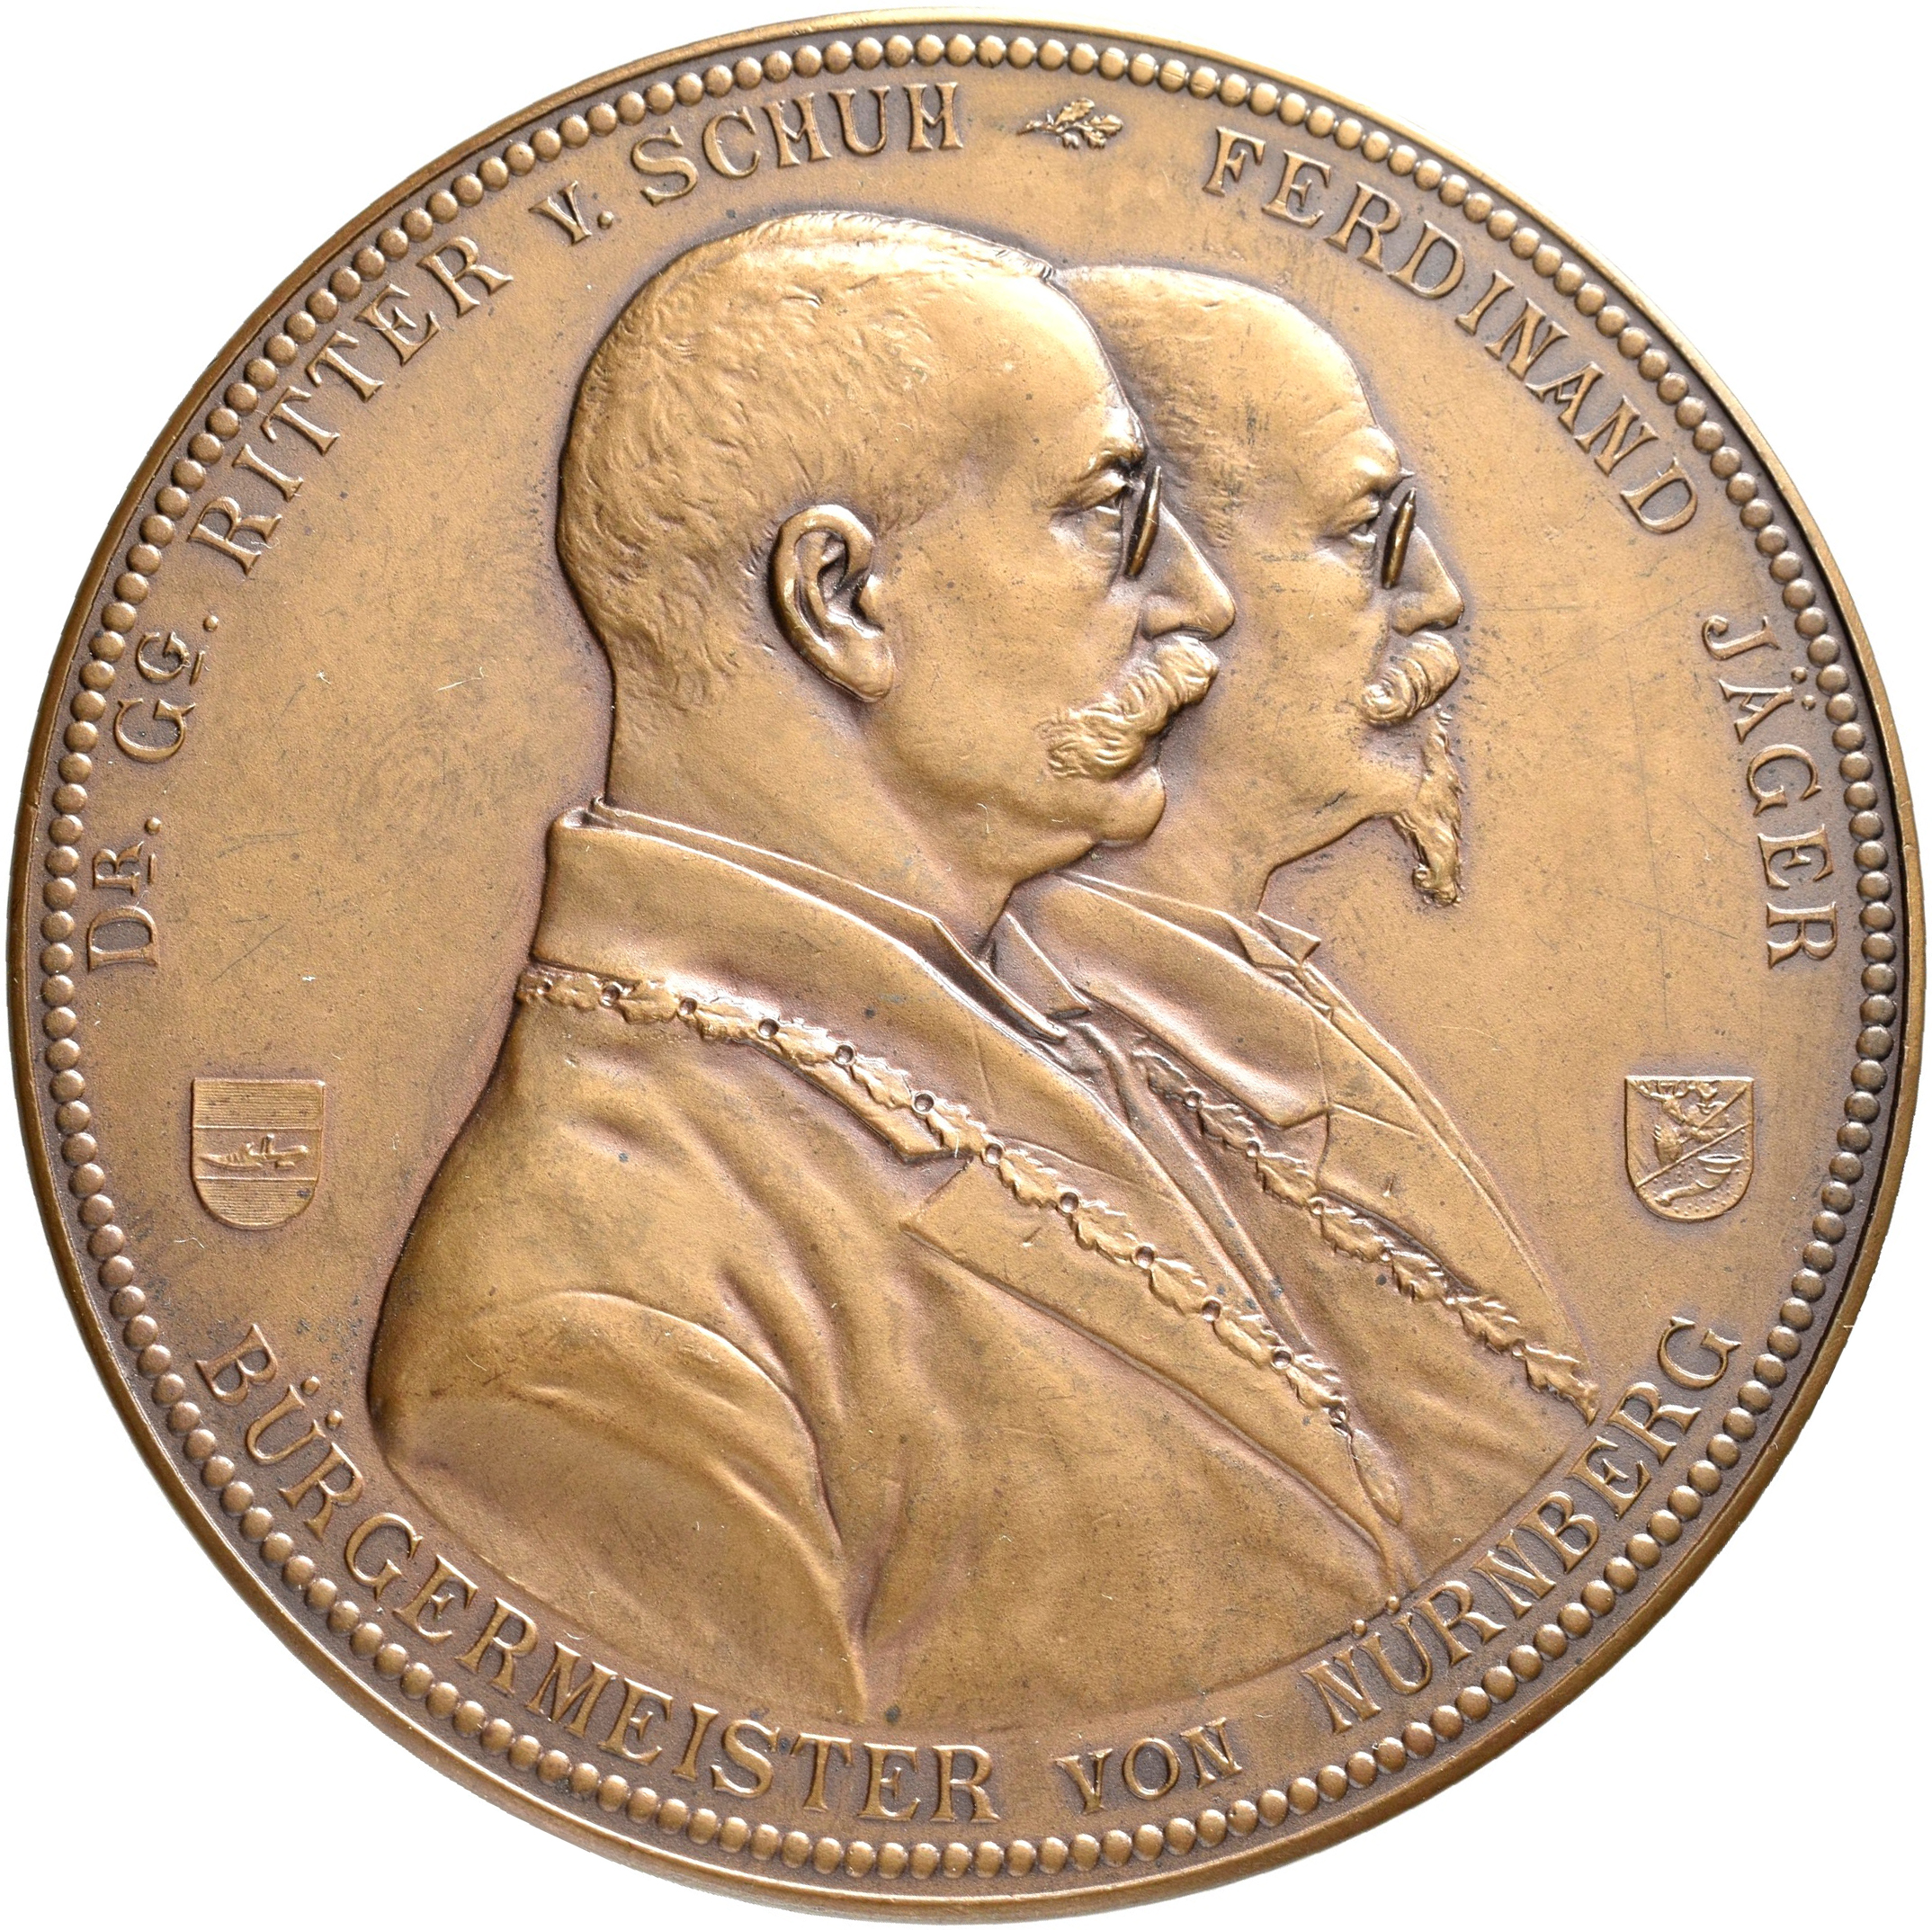 Lot 02418 - Medaillen Deutschland - Geographisch | Münzen  -  Auktionshaus Christoph Gärtner GmbH & Co. KG Sale #48 The Coins & The Picture Post Cards